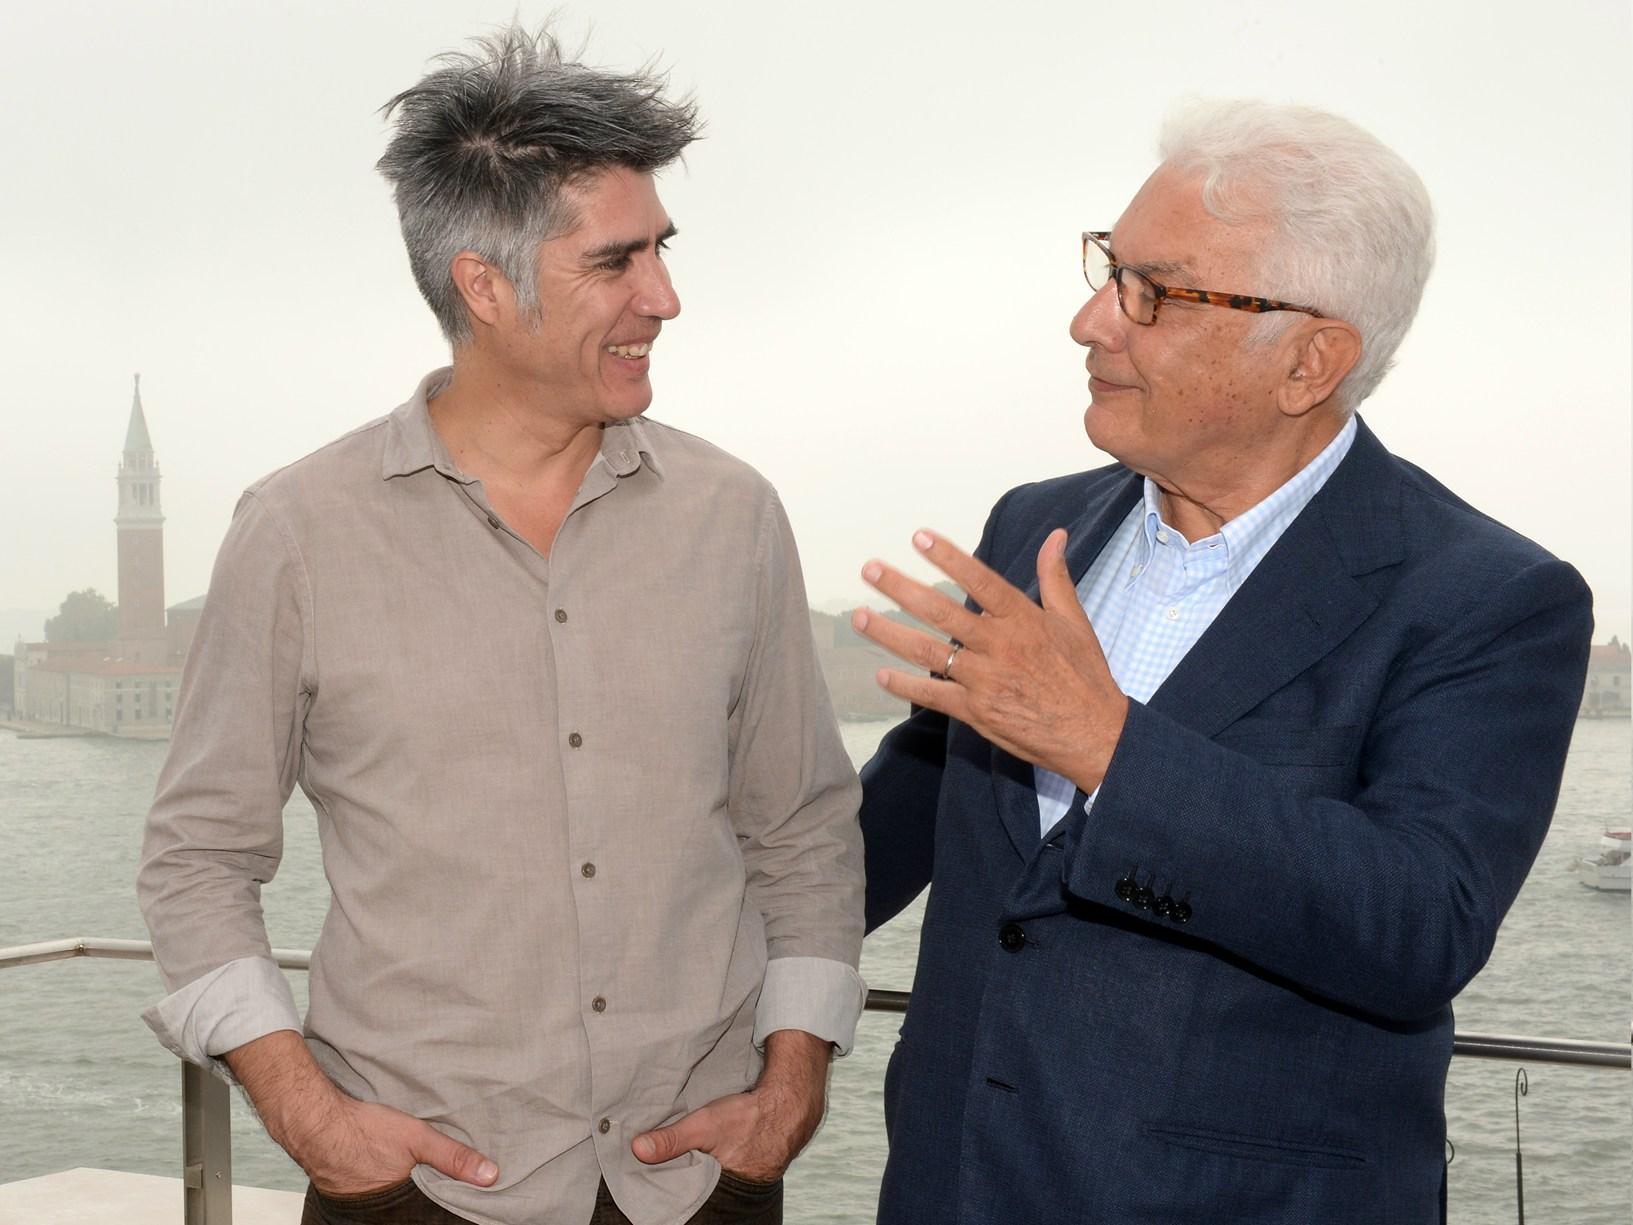 Alejandro Aravena e Paolo Baratta (foto di Giorgio Zucchiatti, courtesy La Biennale di Venezia)